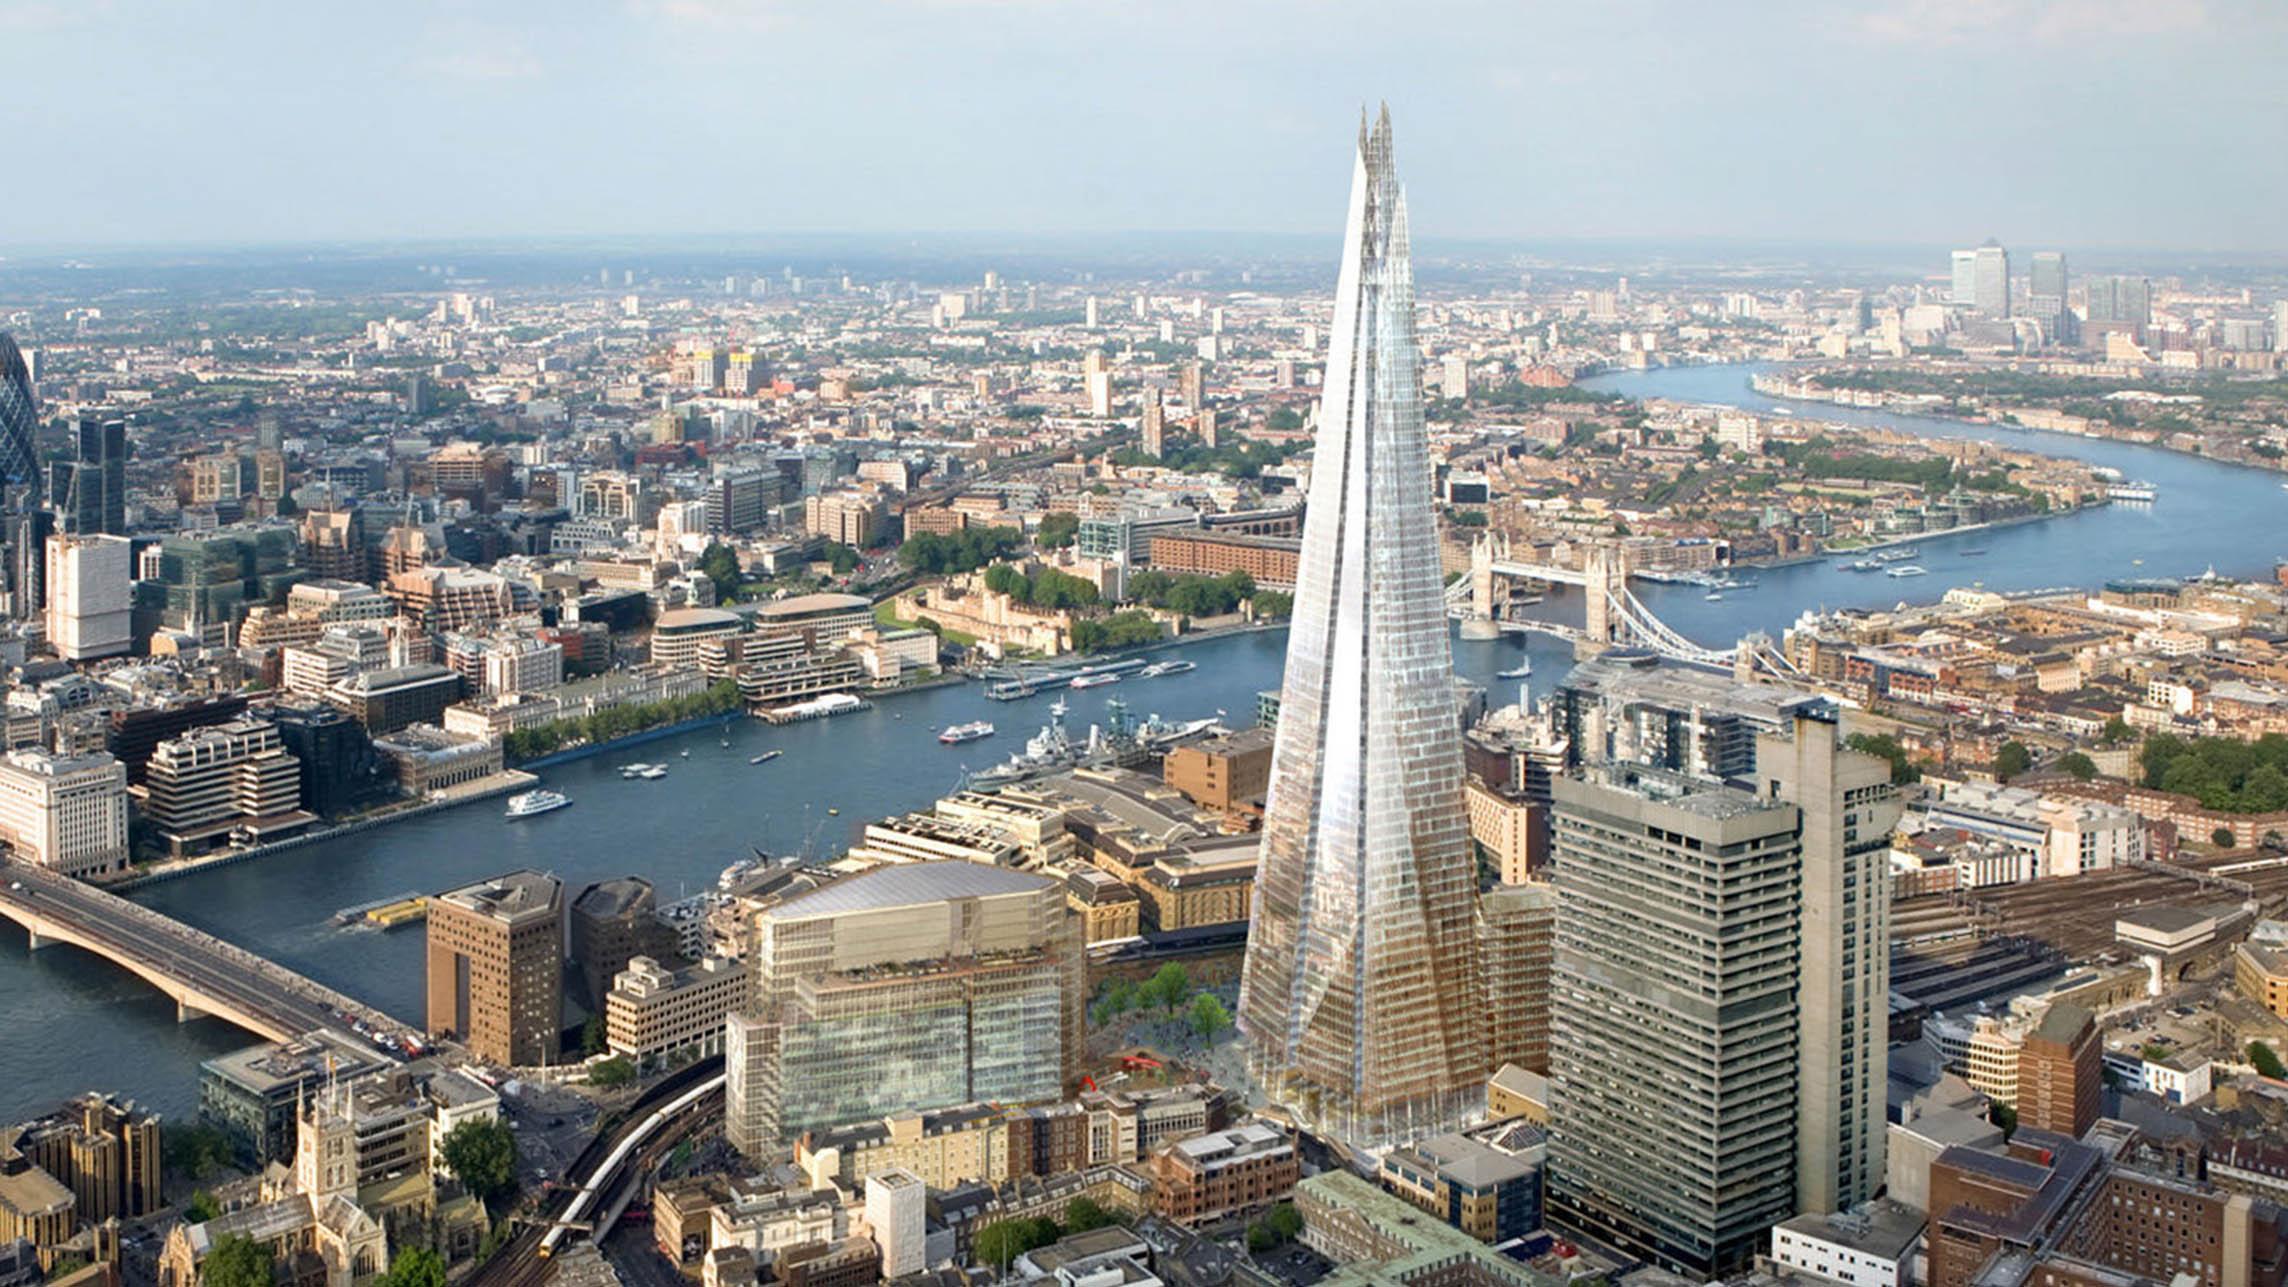 Shard-London-1